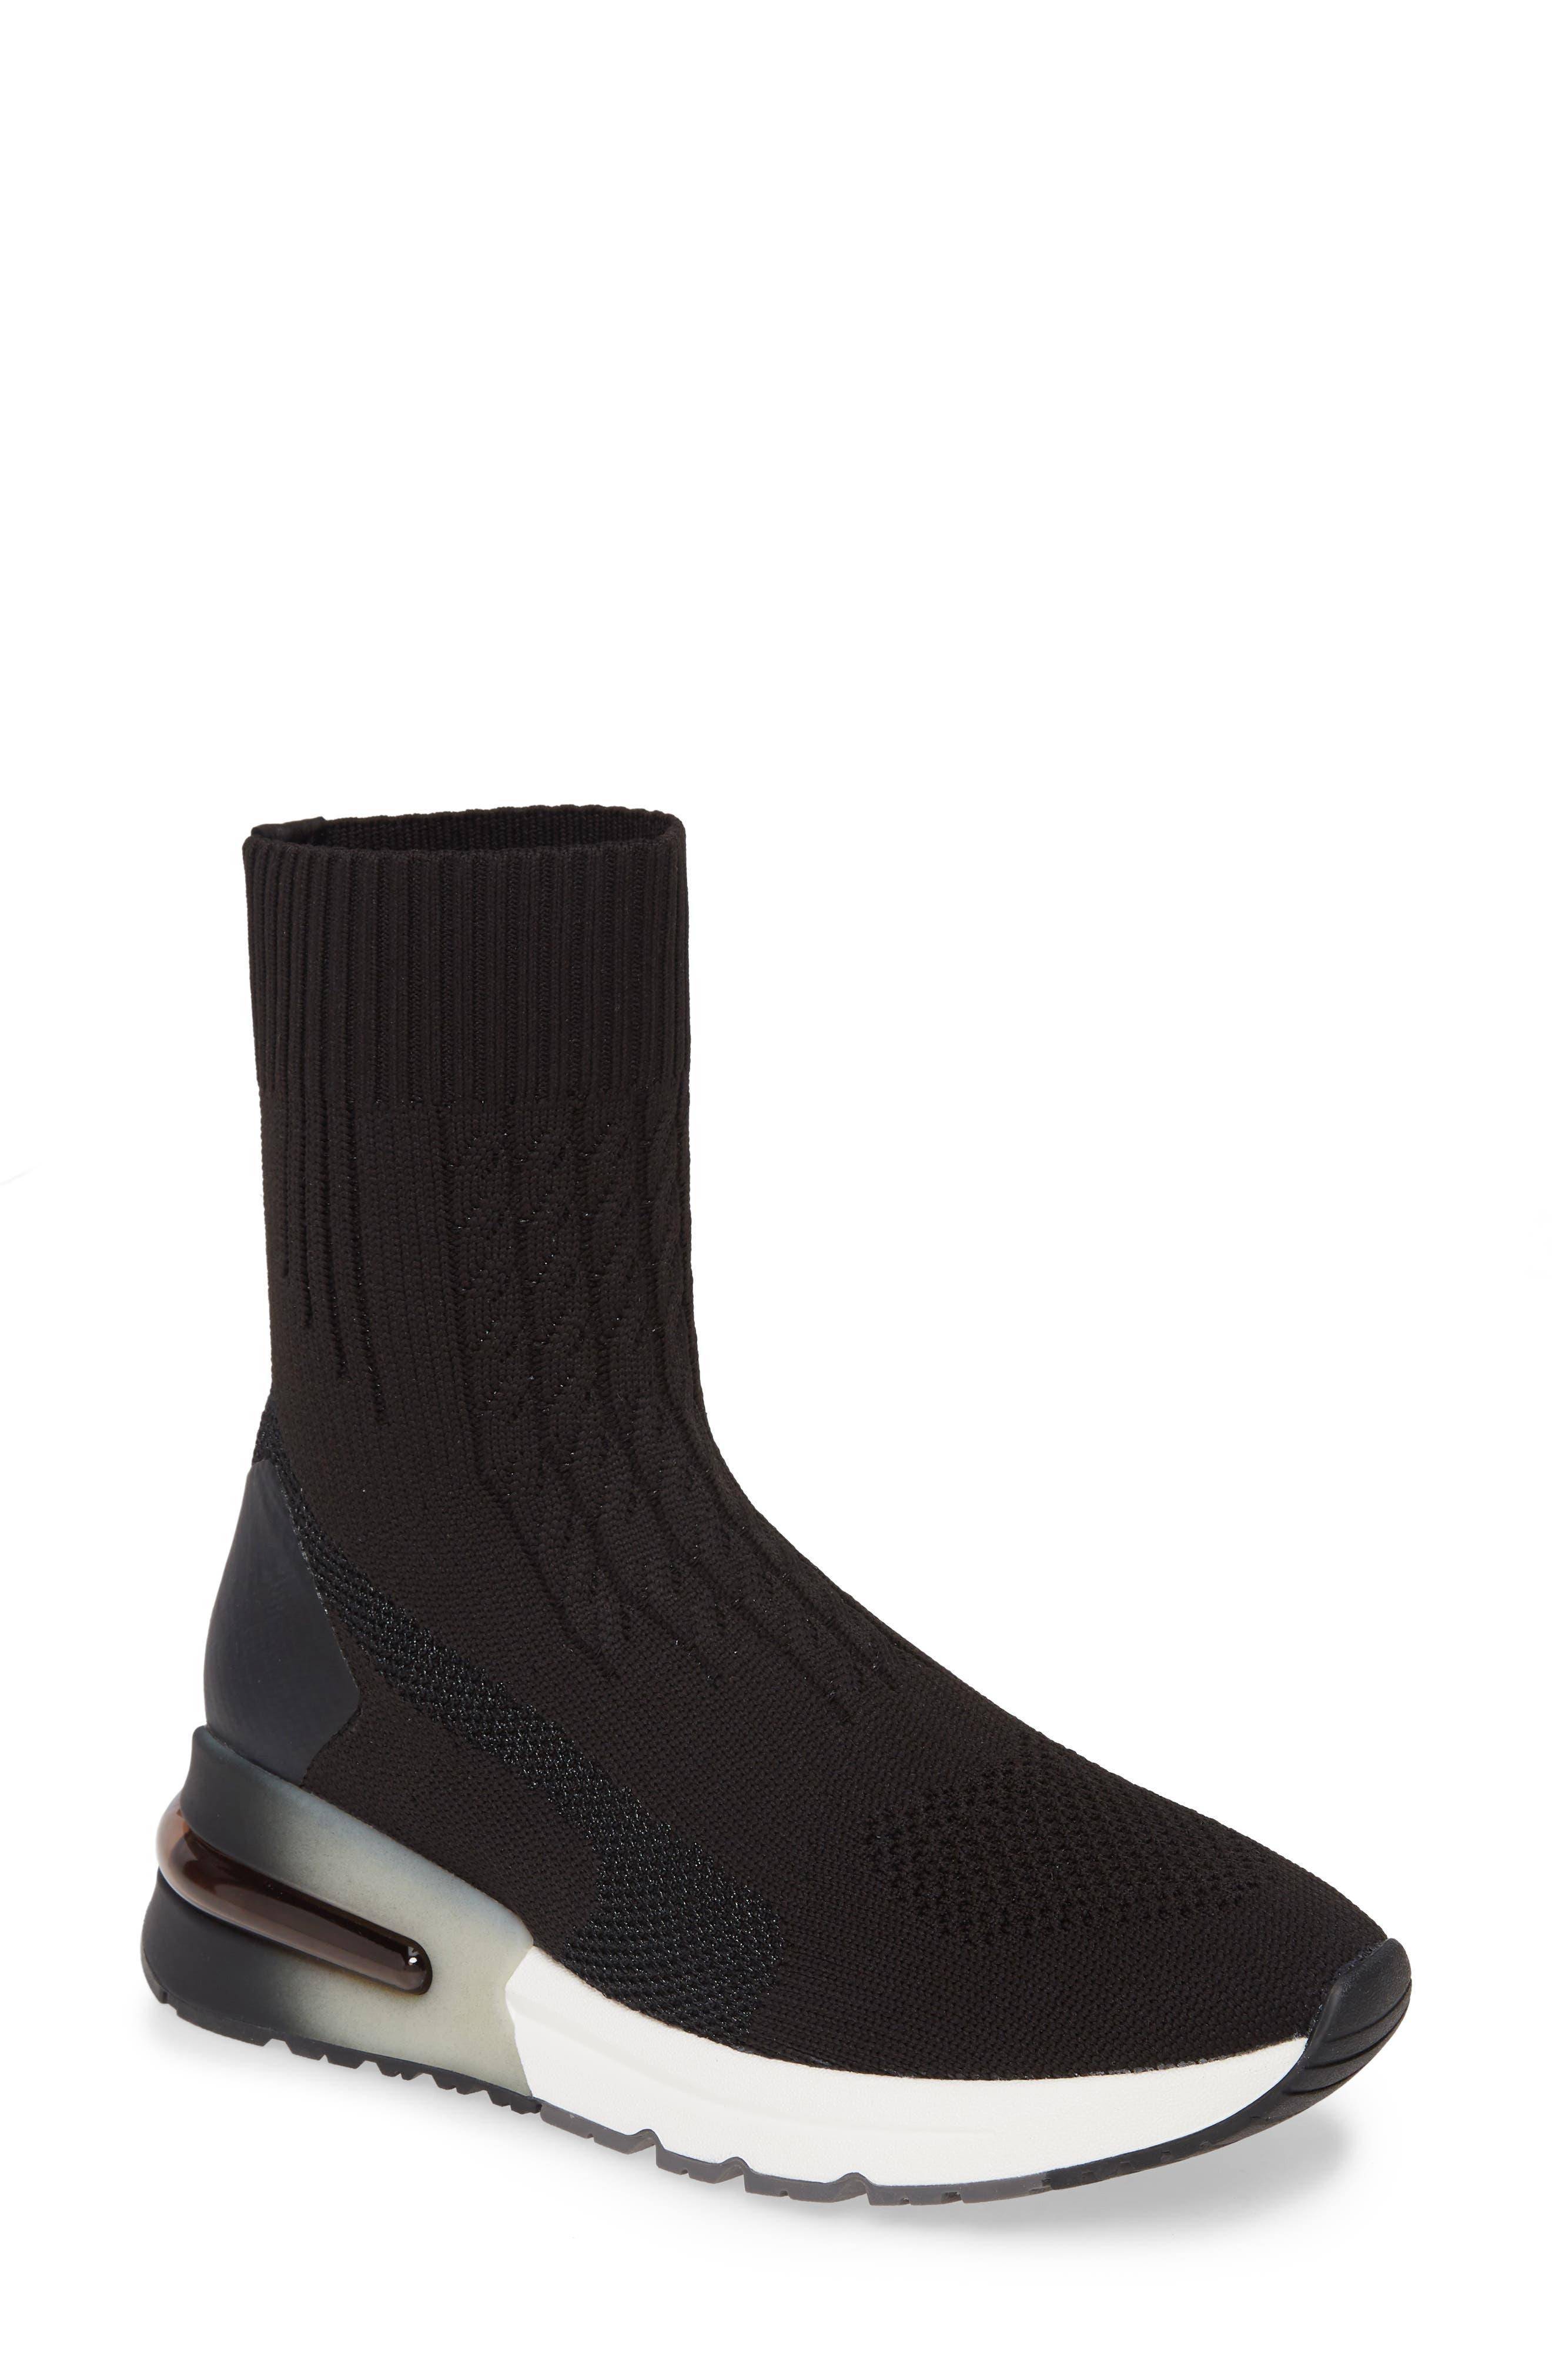 Ash Footwear Heidi Chaussures Bis Boots F1KJTlc